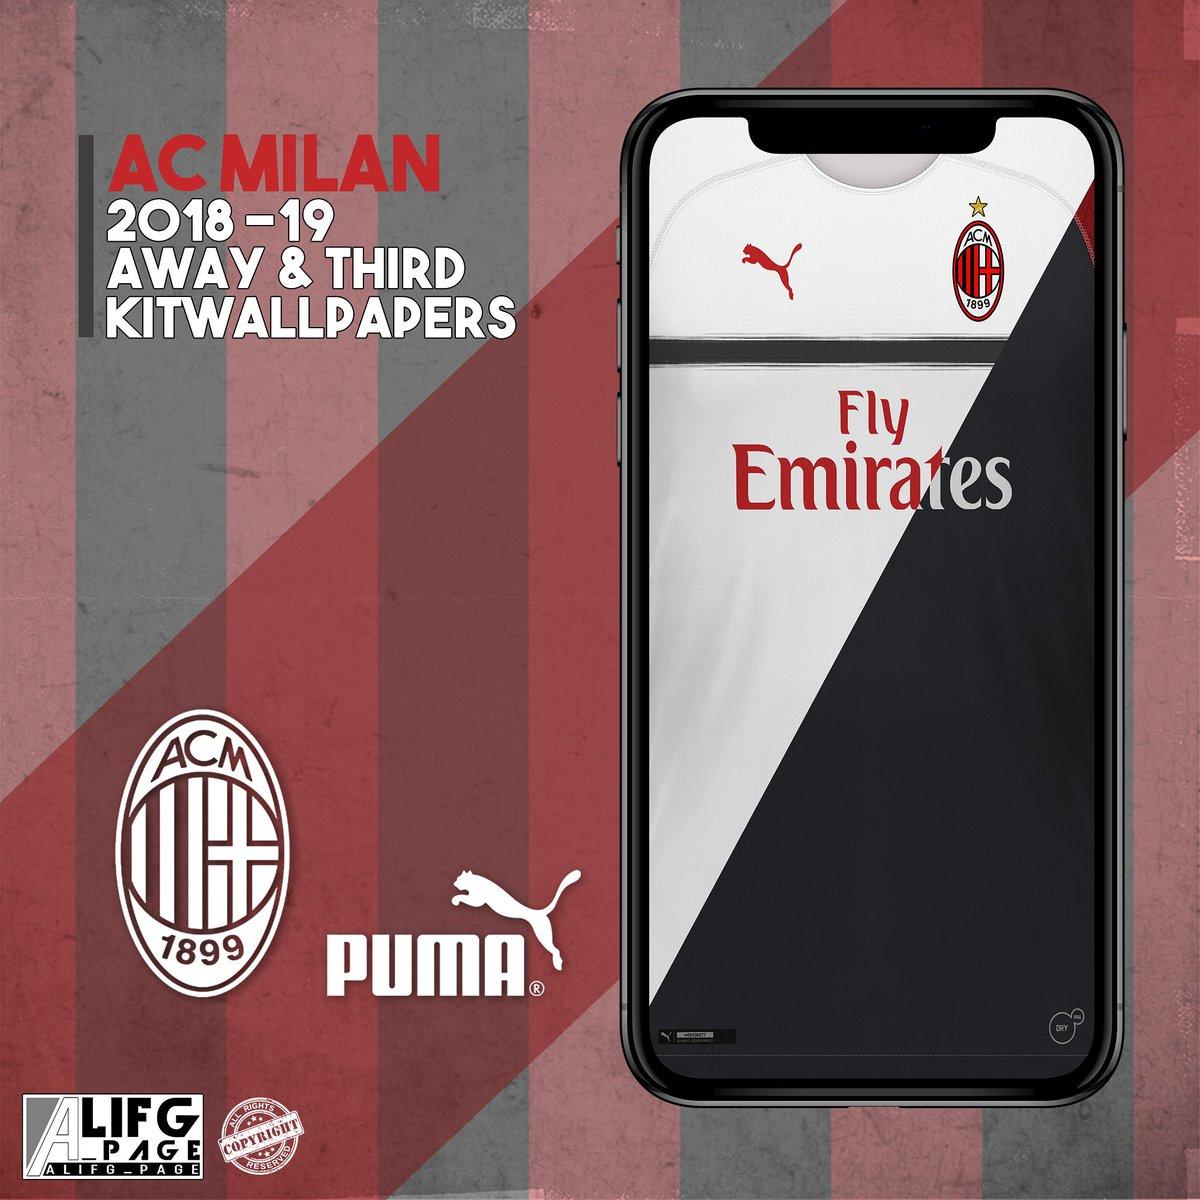 Alifg Page Auf Twitter Acmilan 2018 19 Away Third Kit